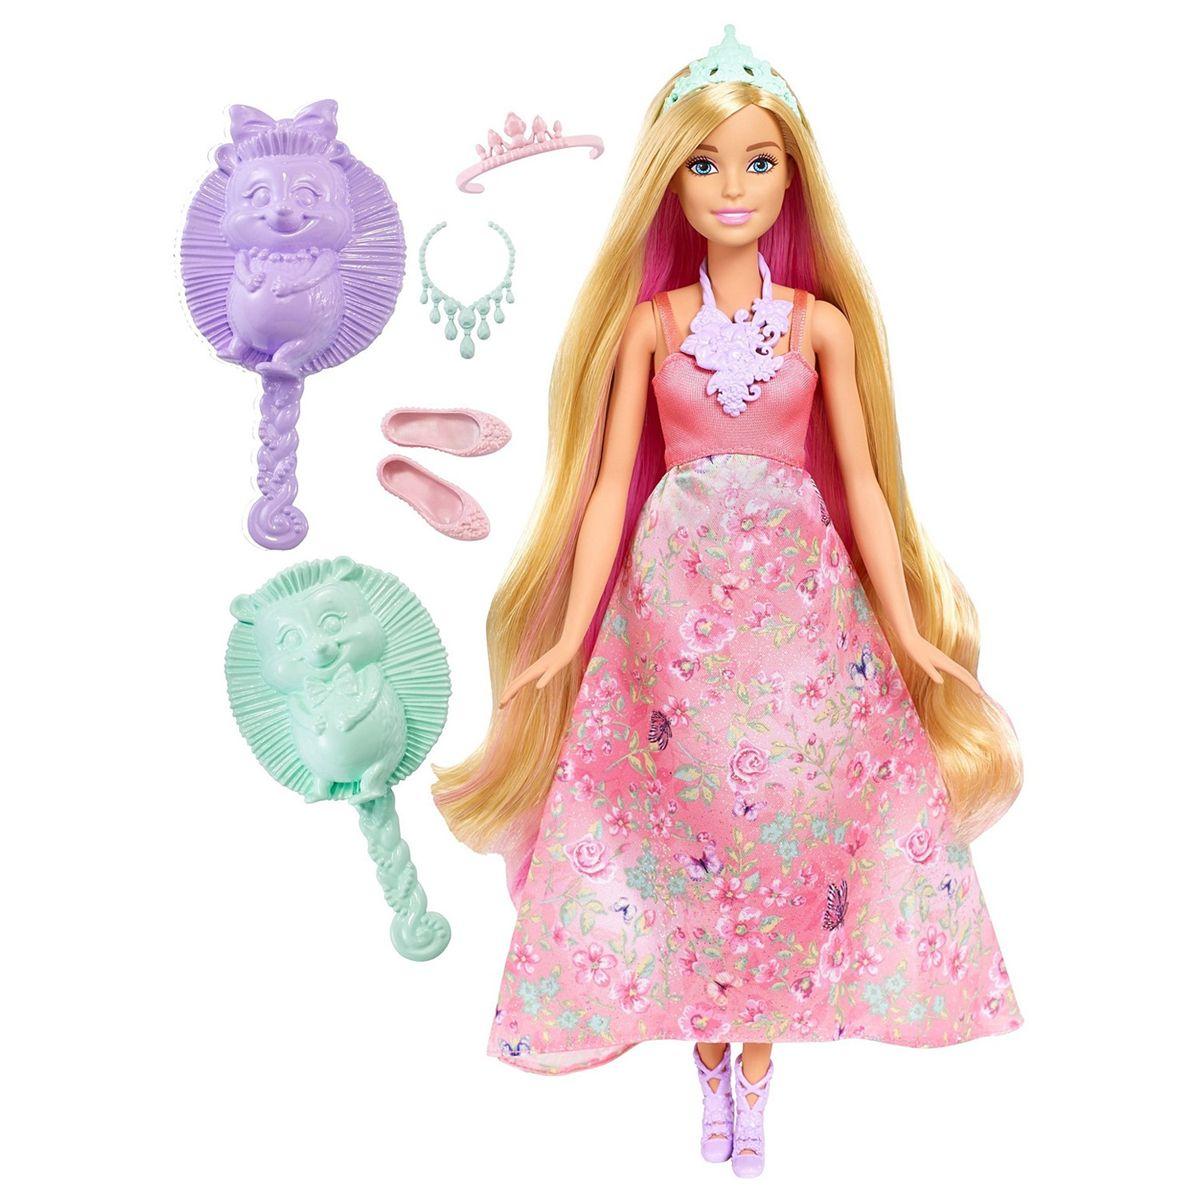 exquisite style the latest hot products Poupée Barbie chevelure 3 en 1 - Poupons et poupées - La ...